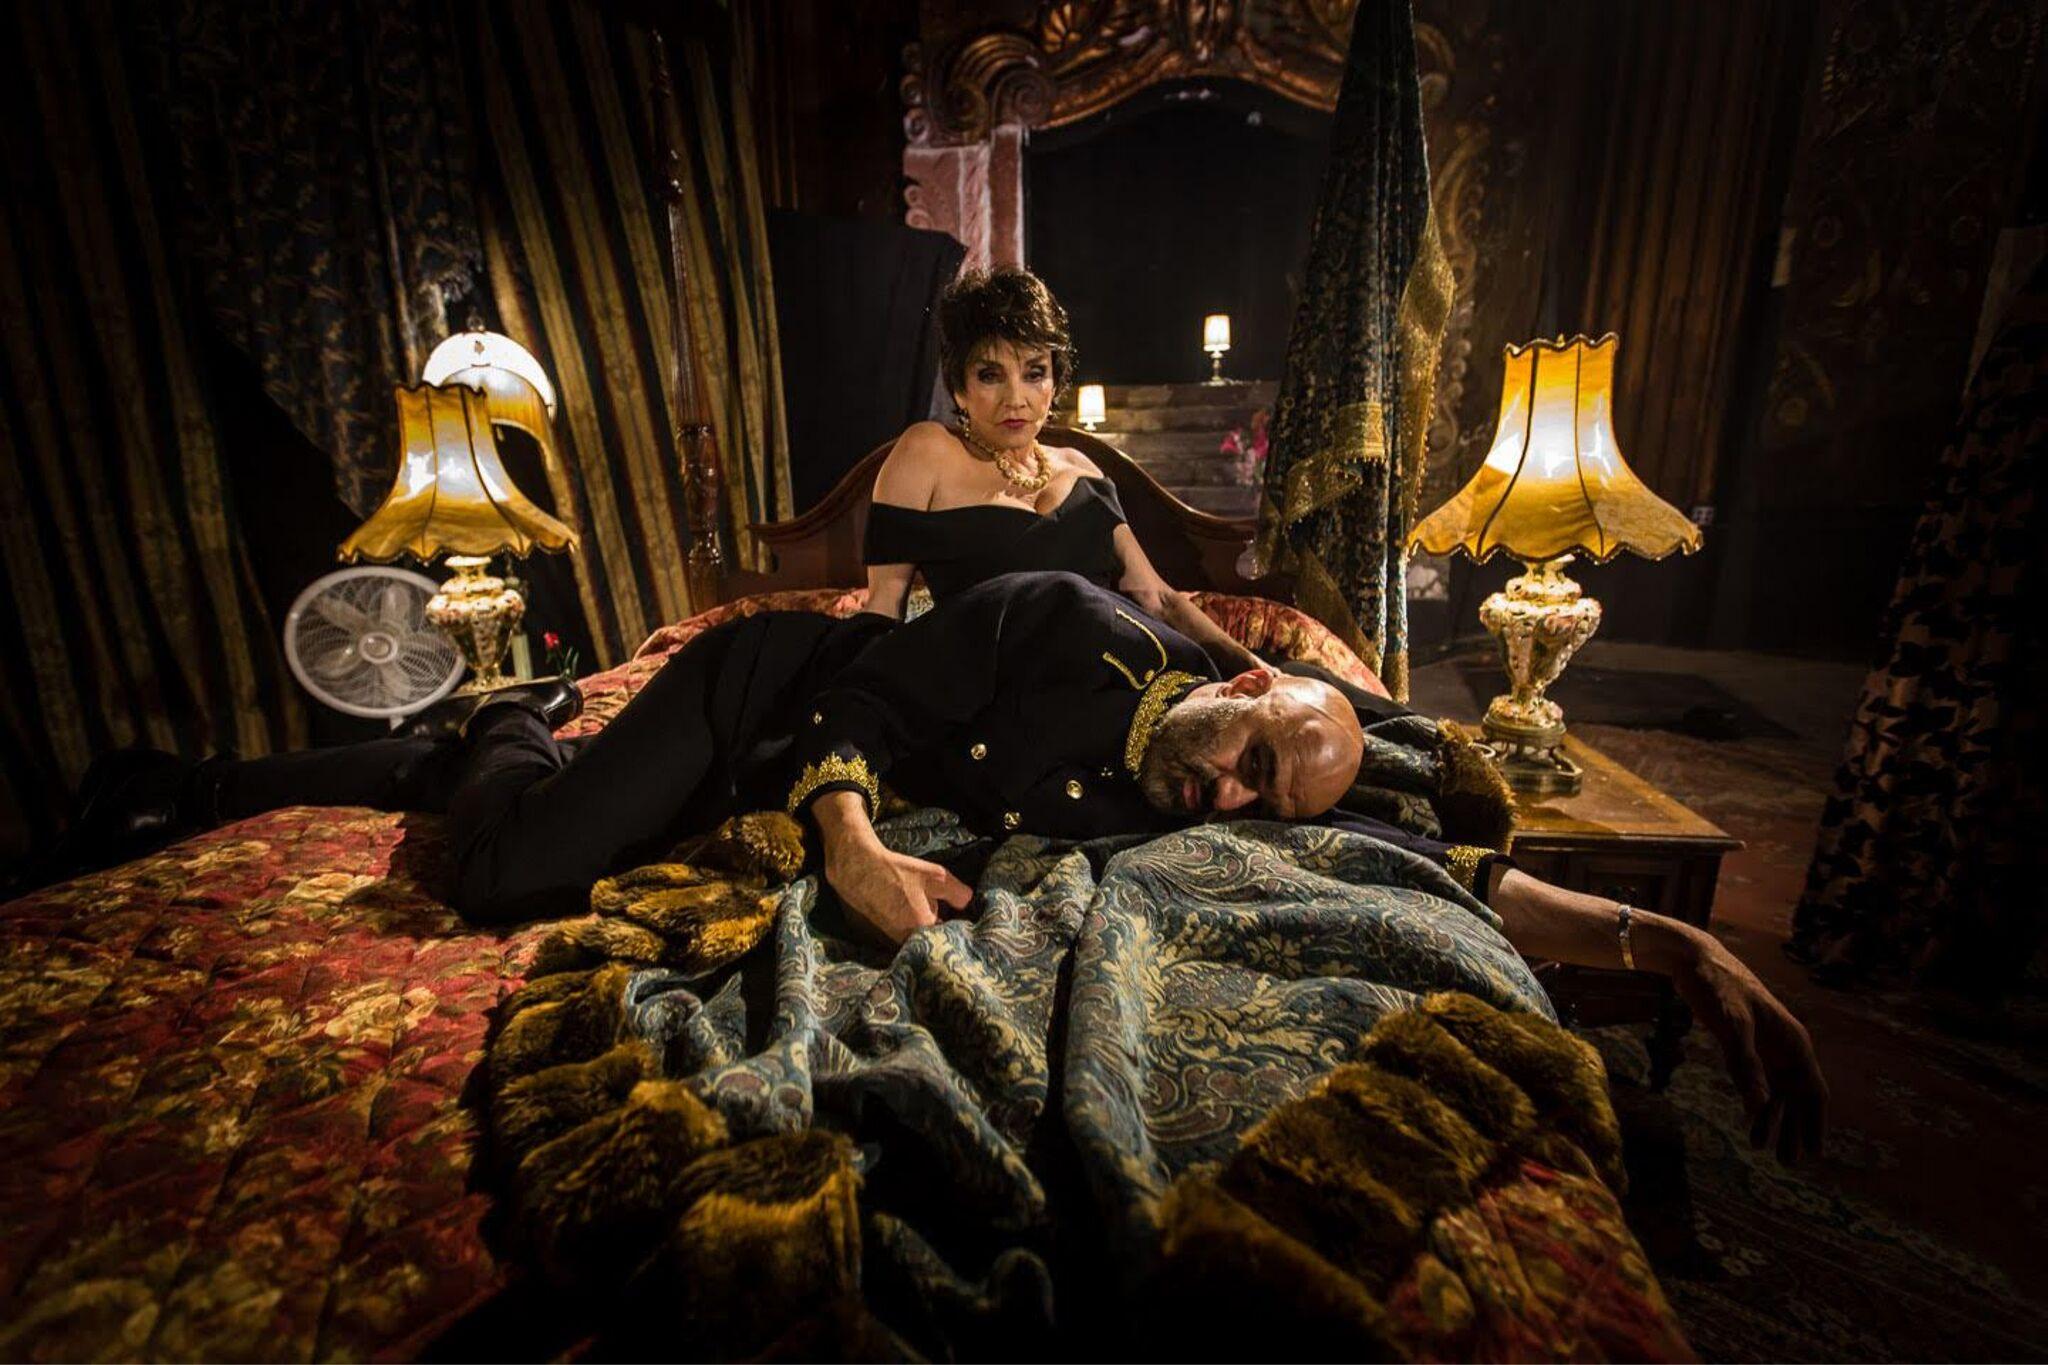 Brooke Adams (Queen Gertrude) and Faran Tahir (Claudius) in Hamlet 360: Thy Father's Spirit. Photo by Matthew Niederhauser